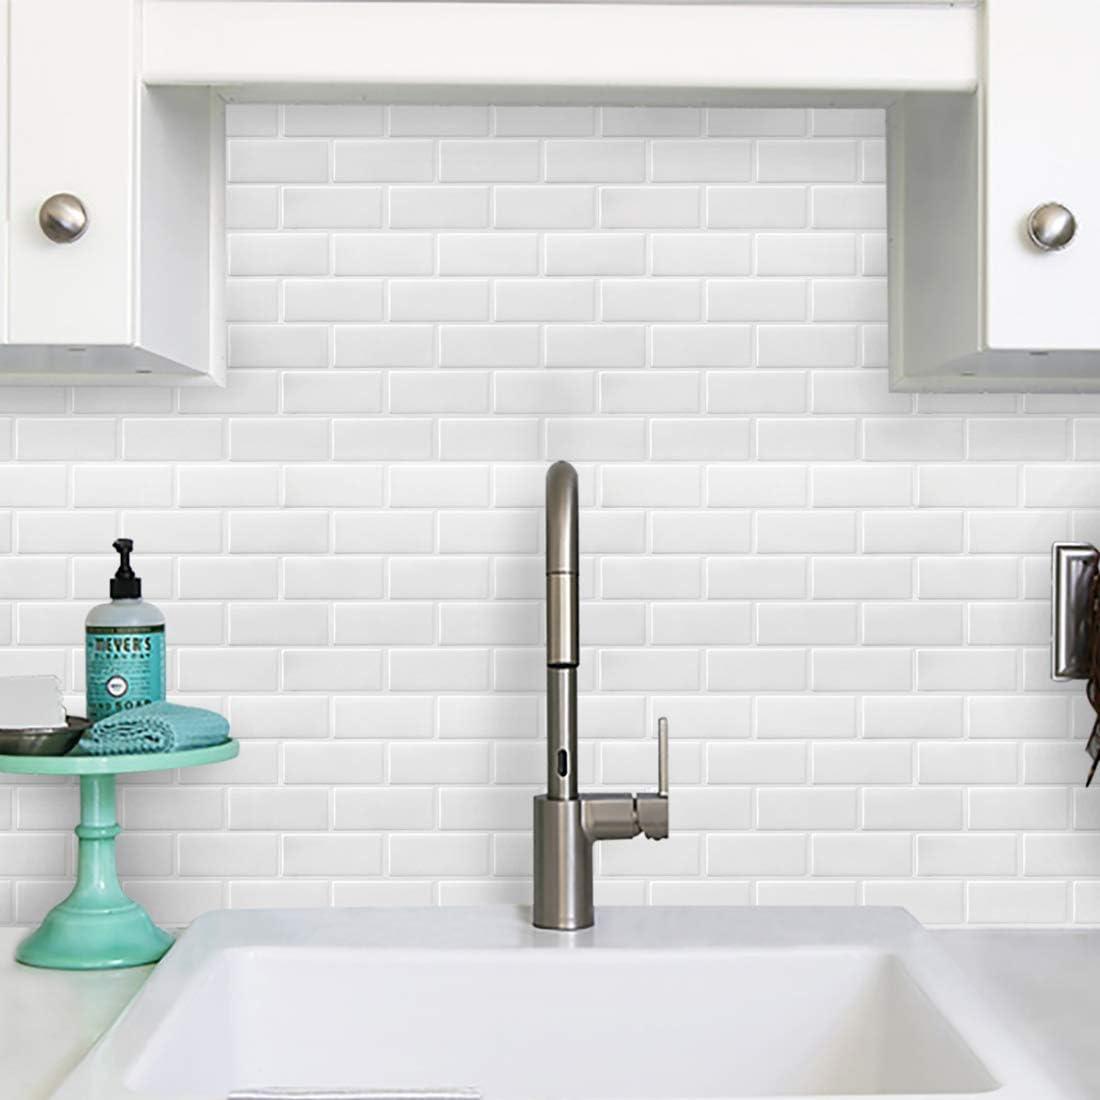 Bianco-4 Pezzi Adesivi per Piastrelle Piastrelle Adesivi Muro Decorazione Murale per Cucina//Bagno 11x 10 FAM STICKTILES 3D Mattonelle Sticker